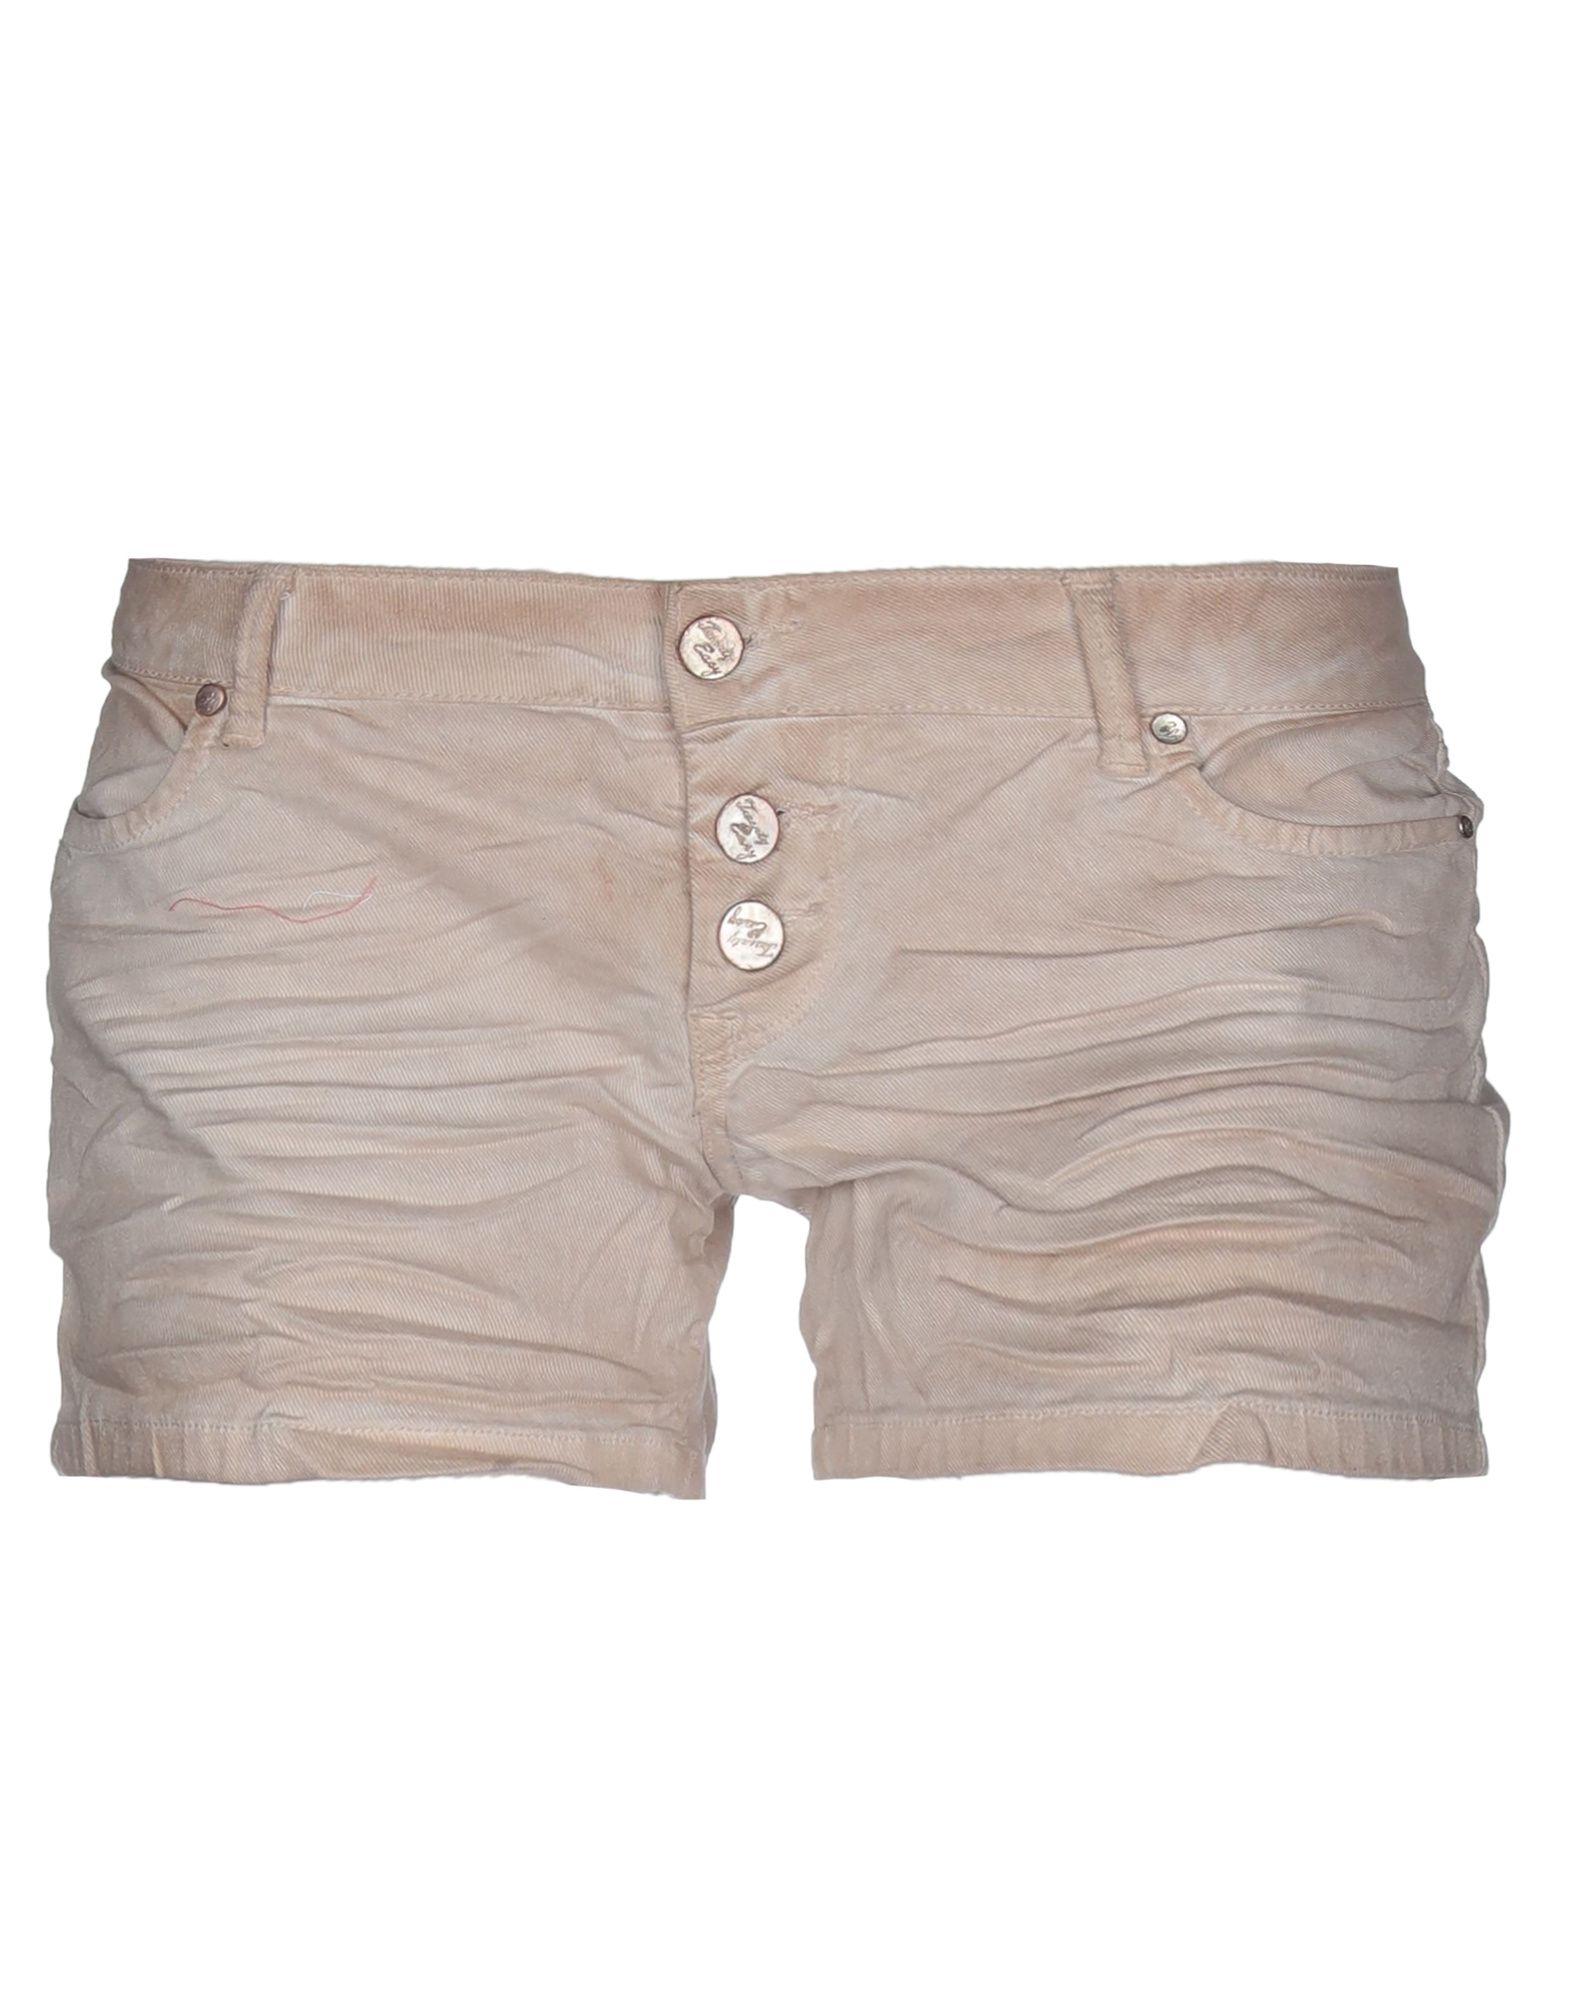 TWENTY EASY by KAOS Джинсовые шорты twenty easy by kaos джинсовые брюки капри